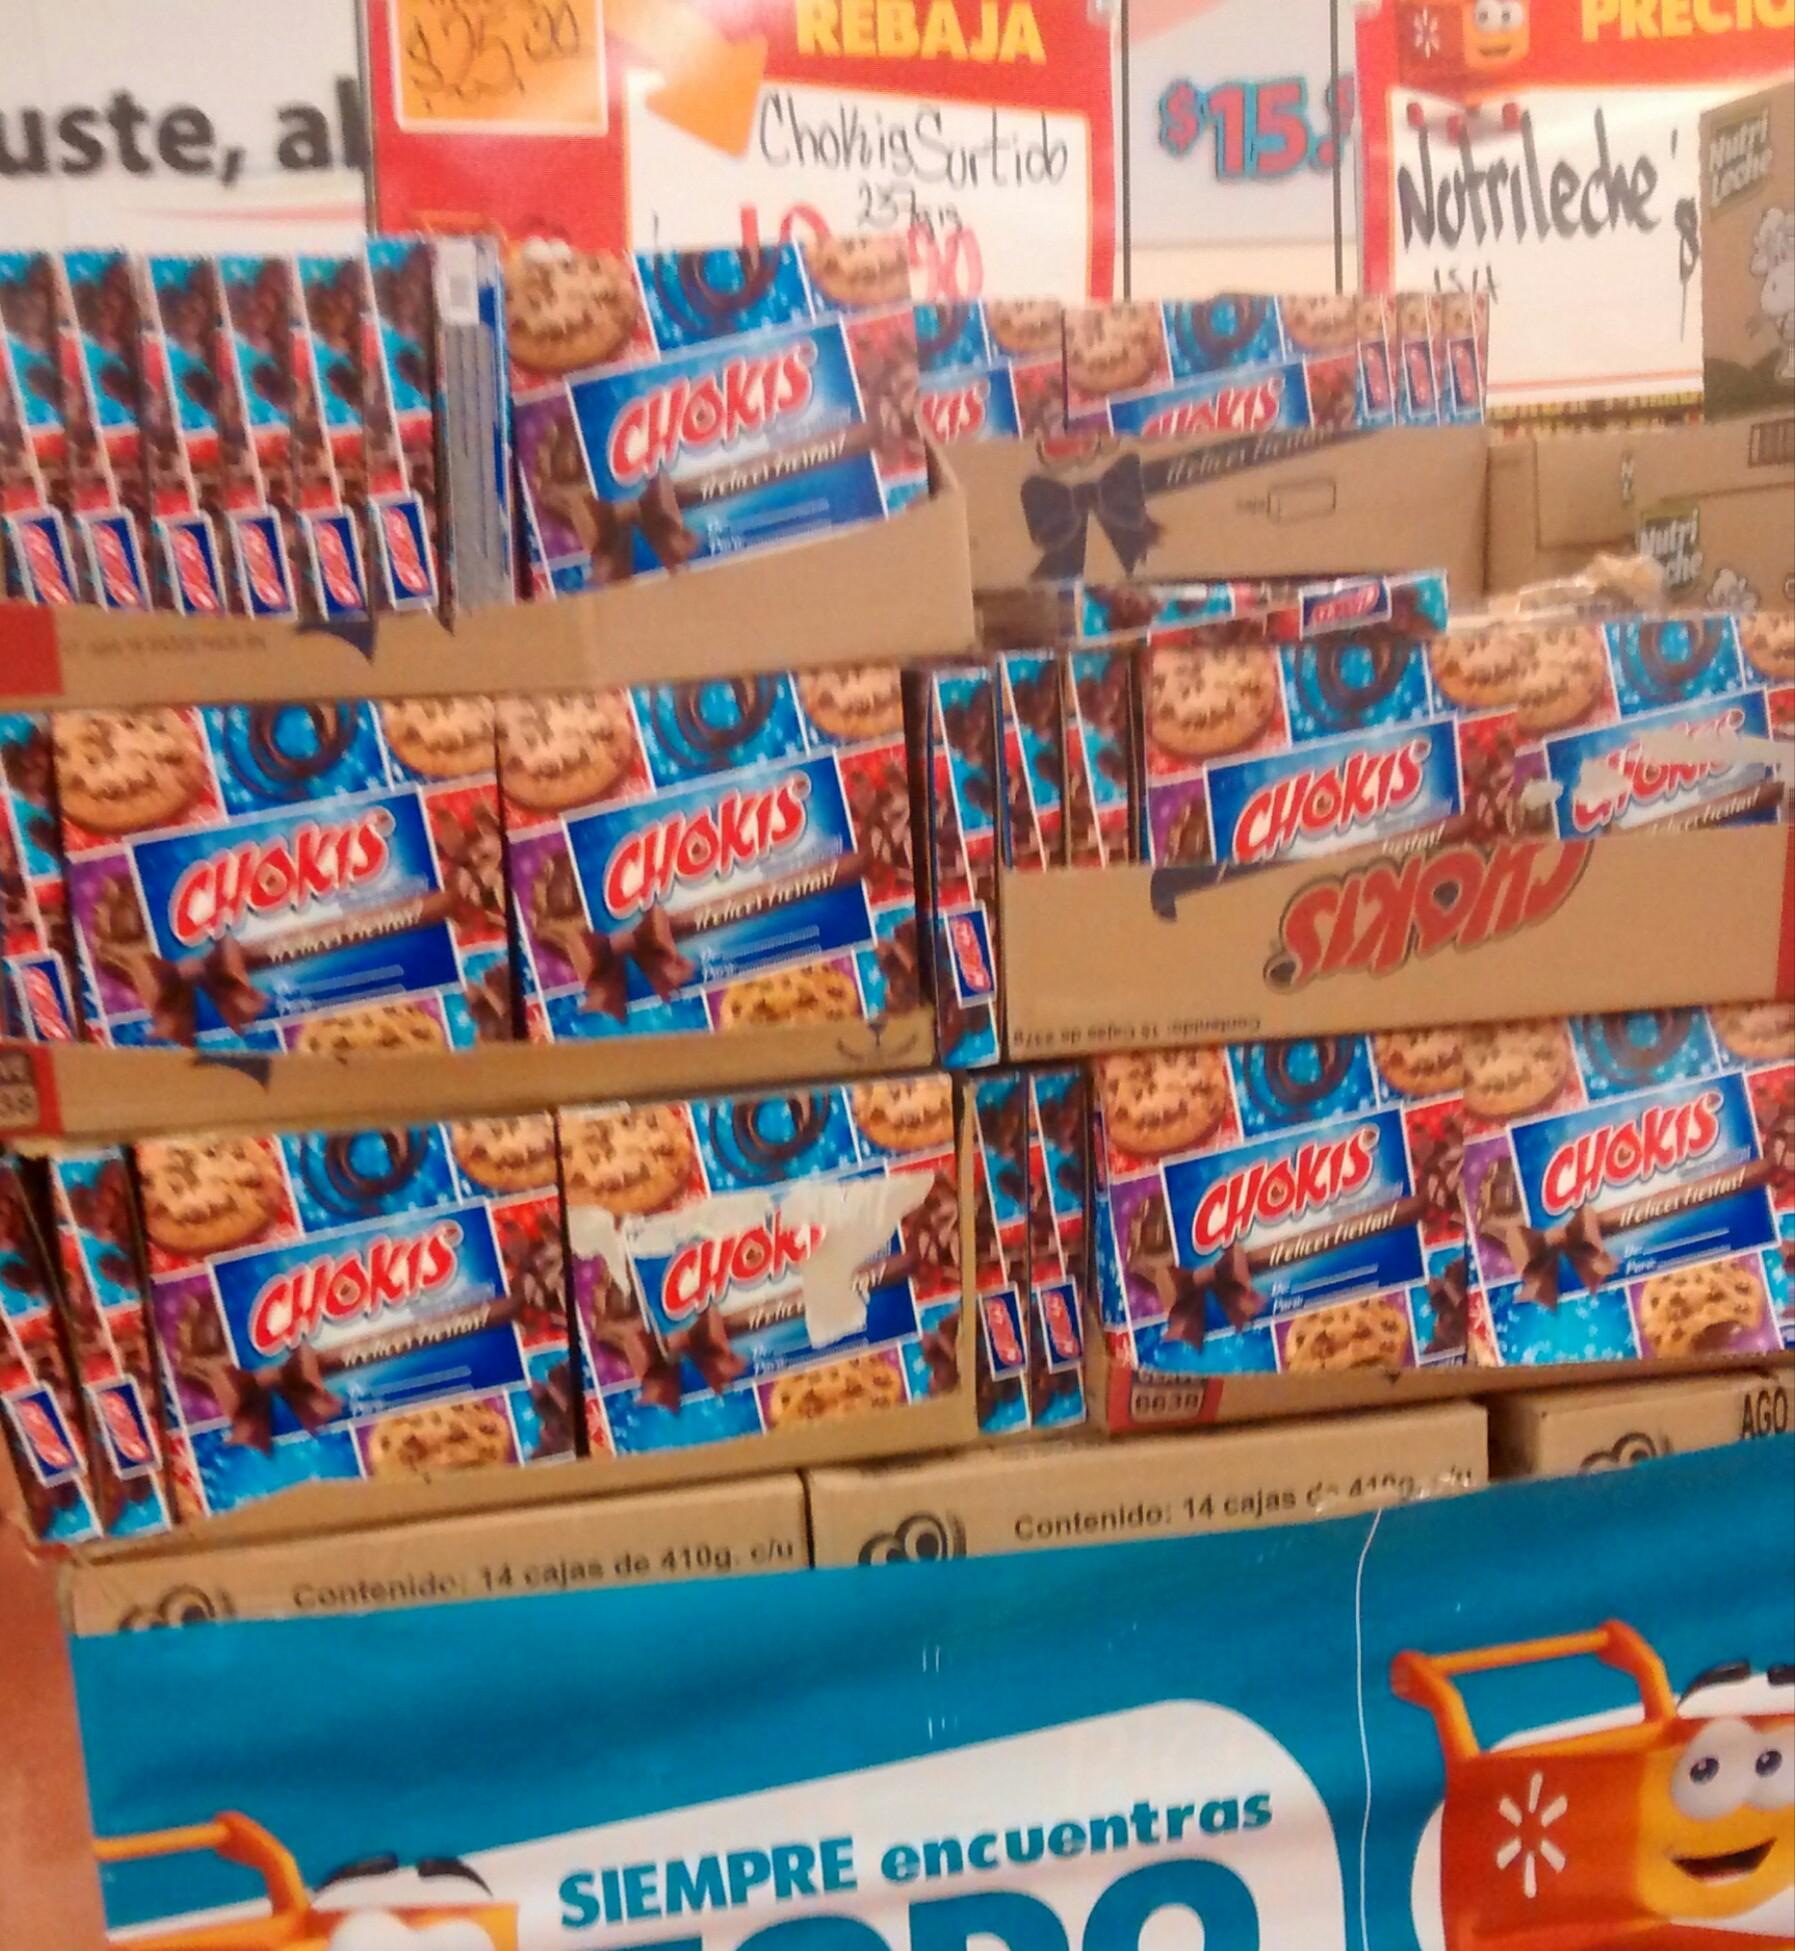 Walmart: Caja navideña chokis a $19.90